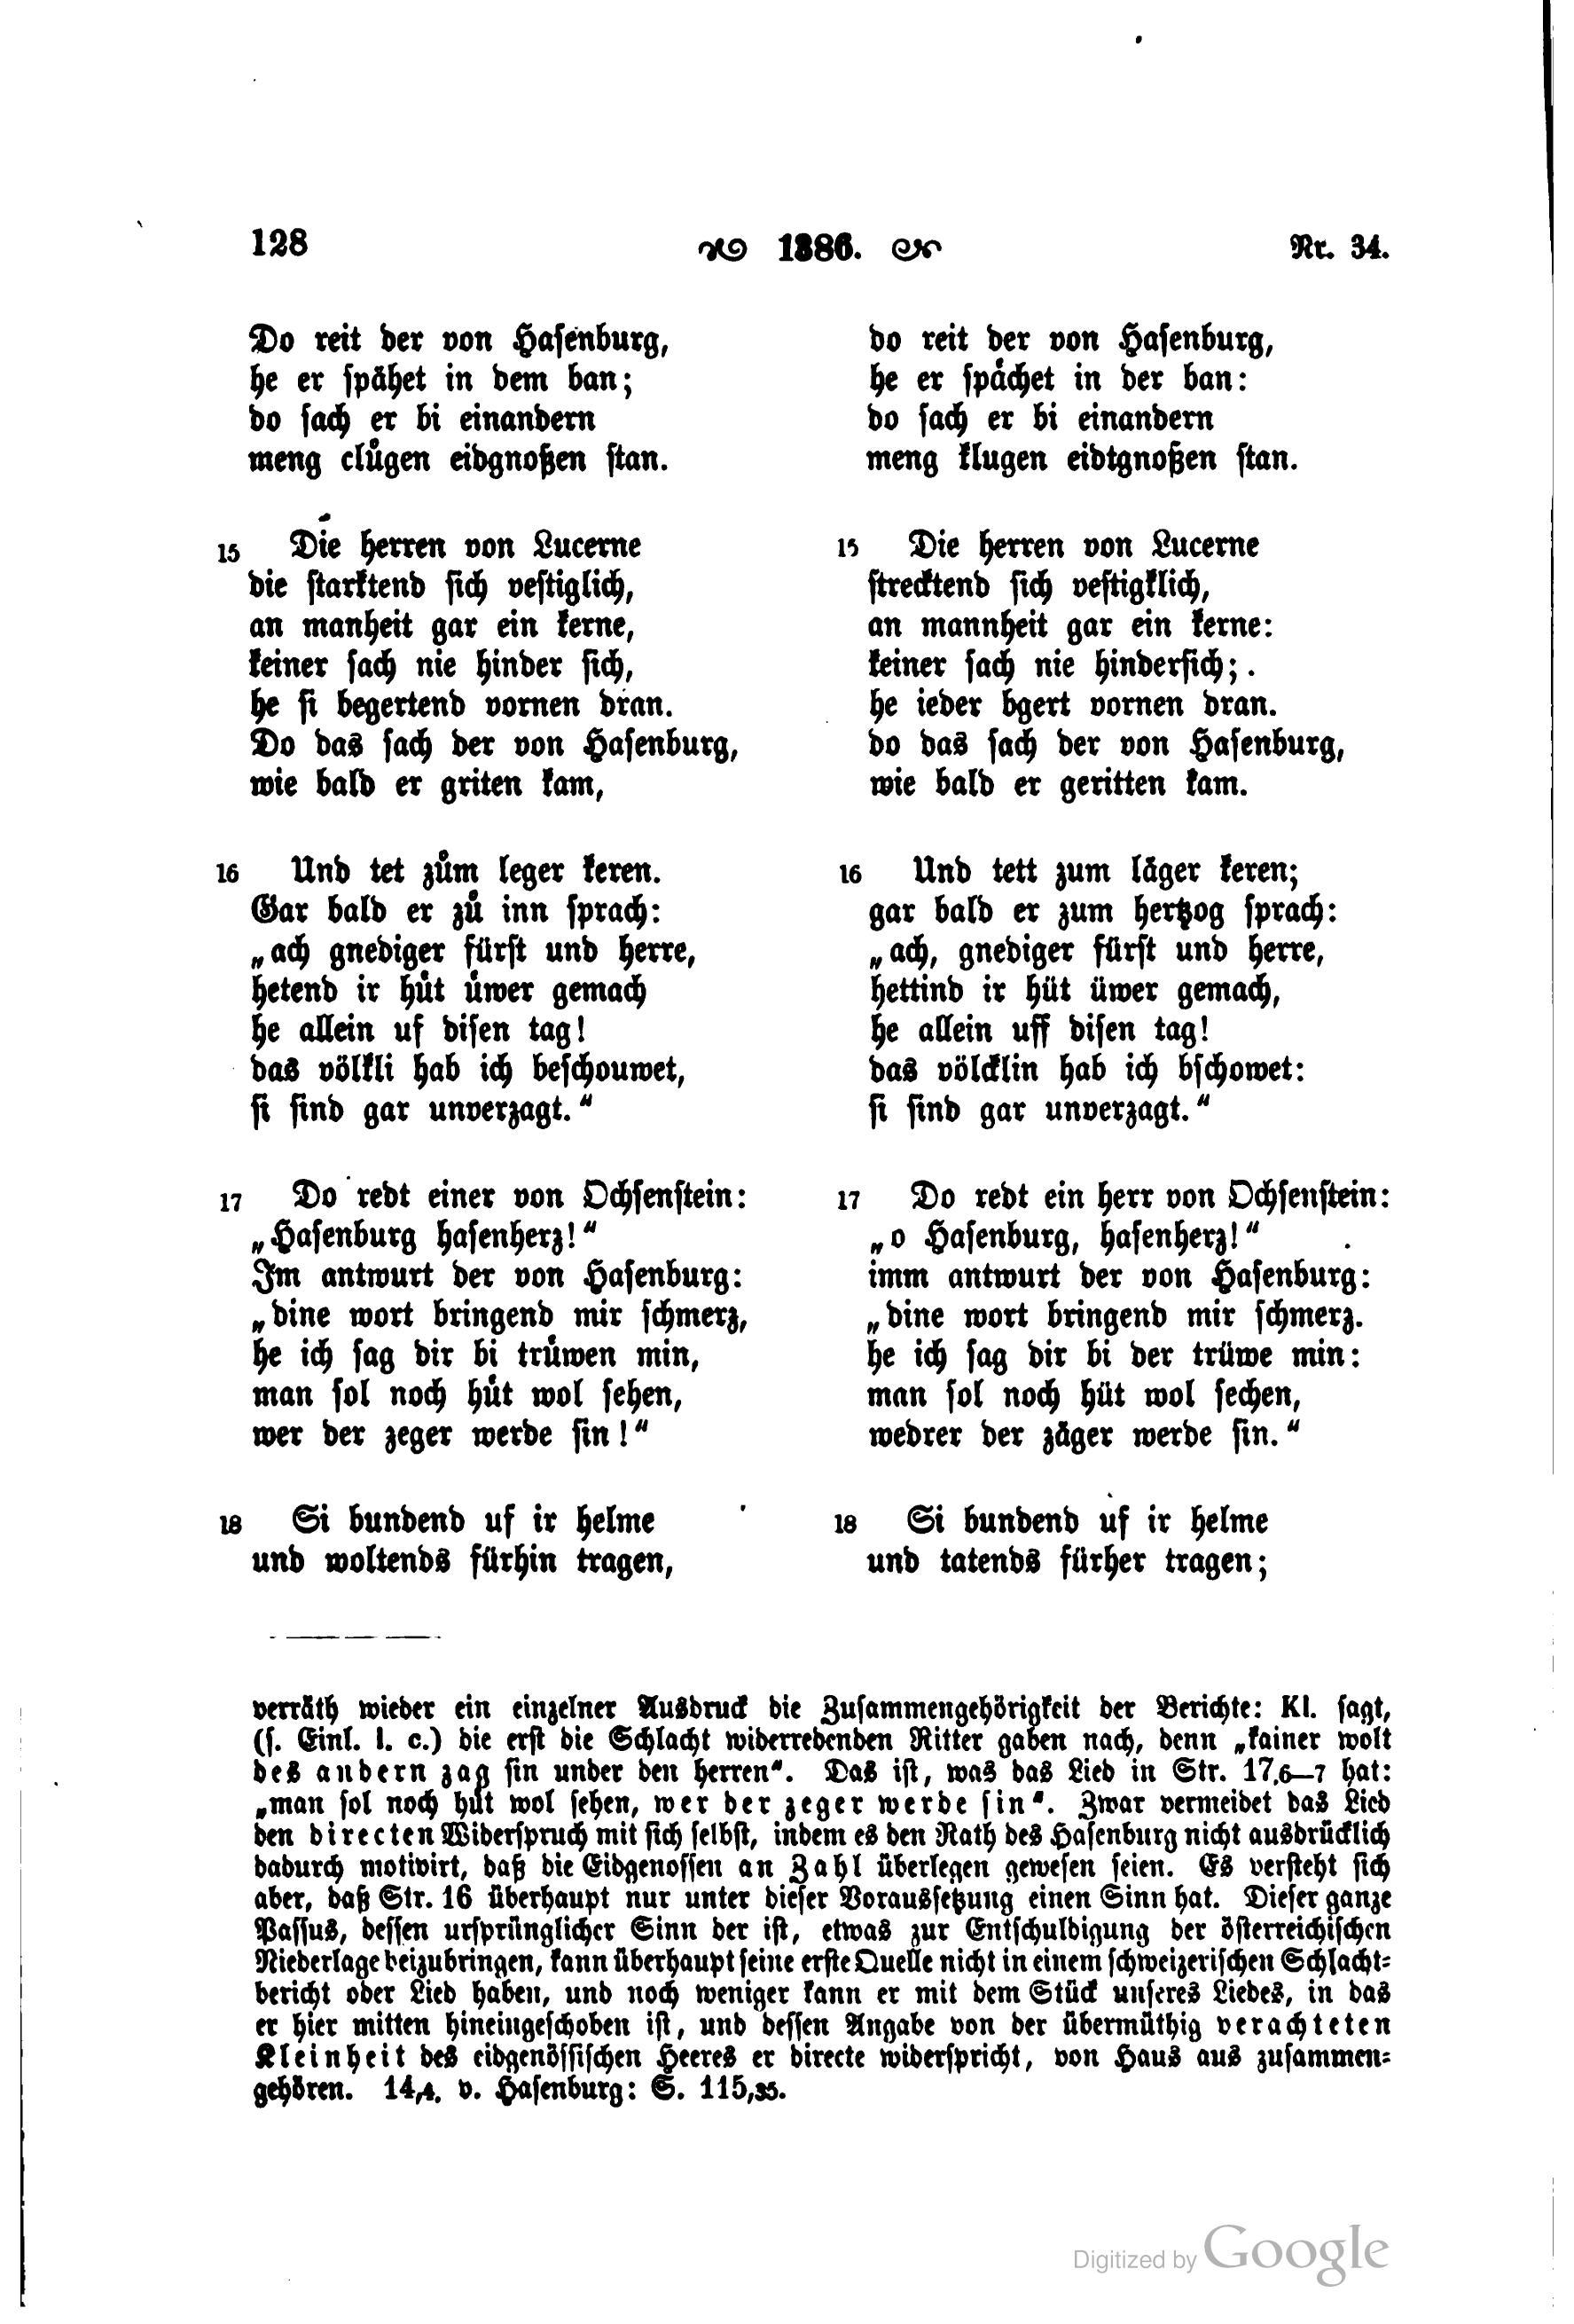 File:Liliencron Die Historischen Volkslieder der Deutschen 1 128.jpg ...